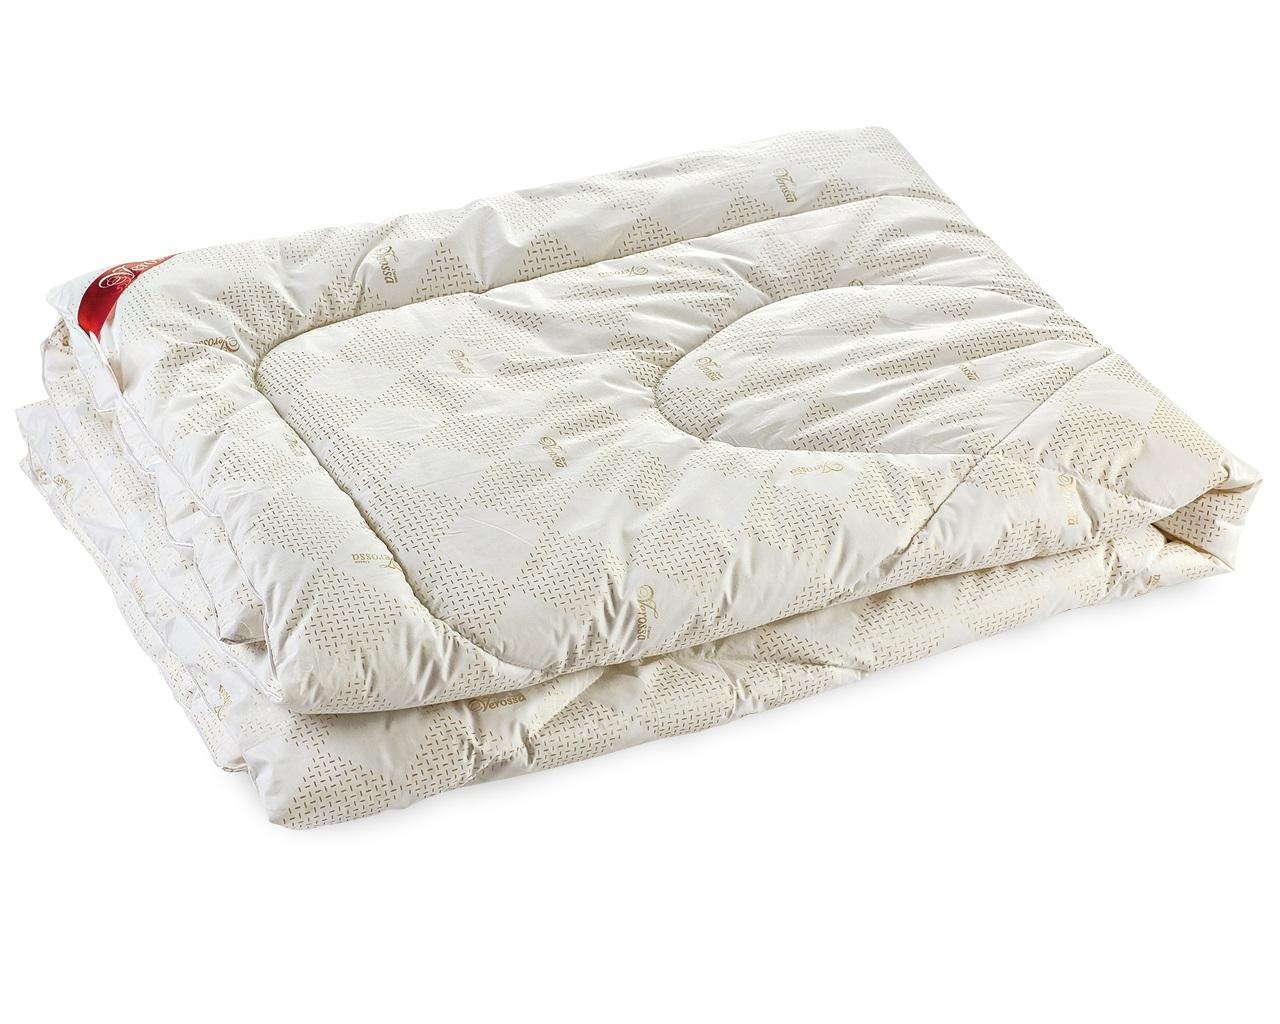 Постельные принадлежности Verossa Одеяло Verossa «Лебяжий пух» 140х205 см одеяло delicate touch лебяжий пух размер 1 5 спальное 140х205 см